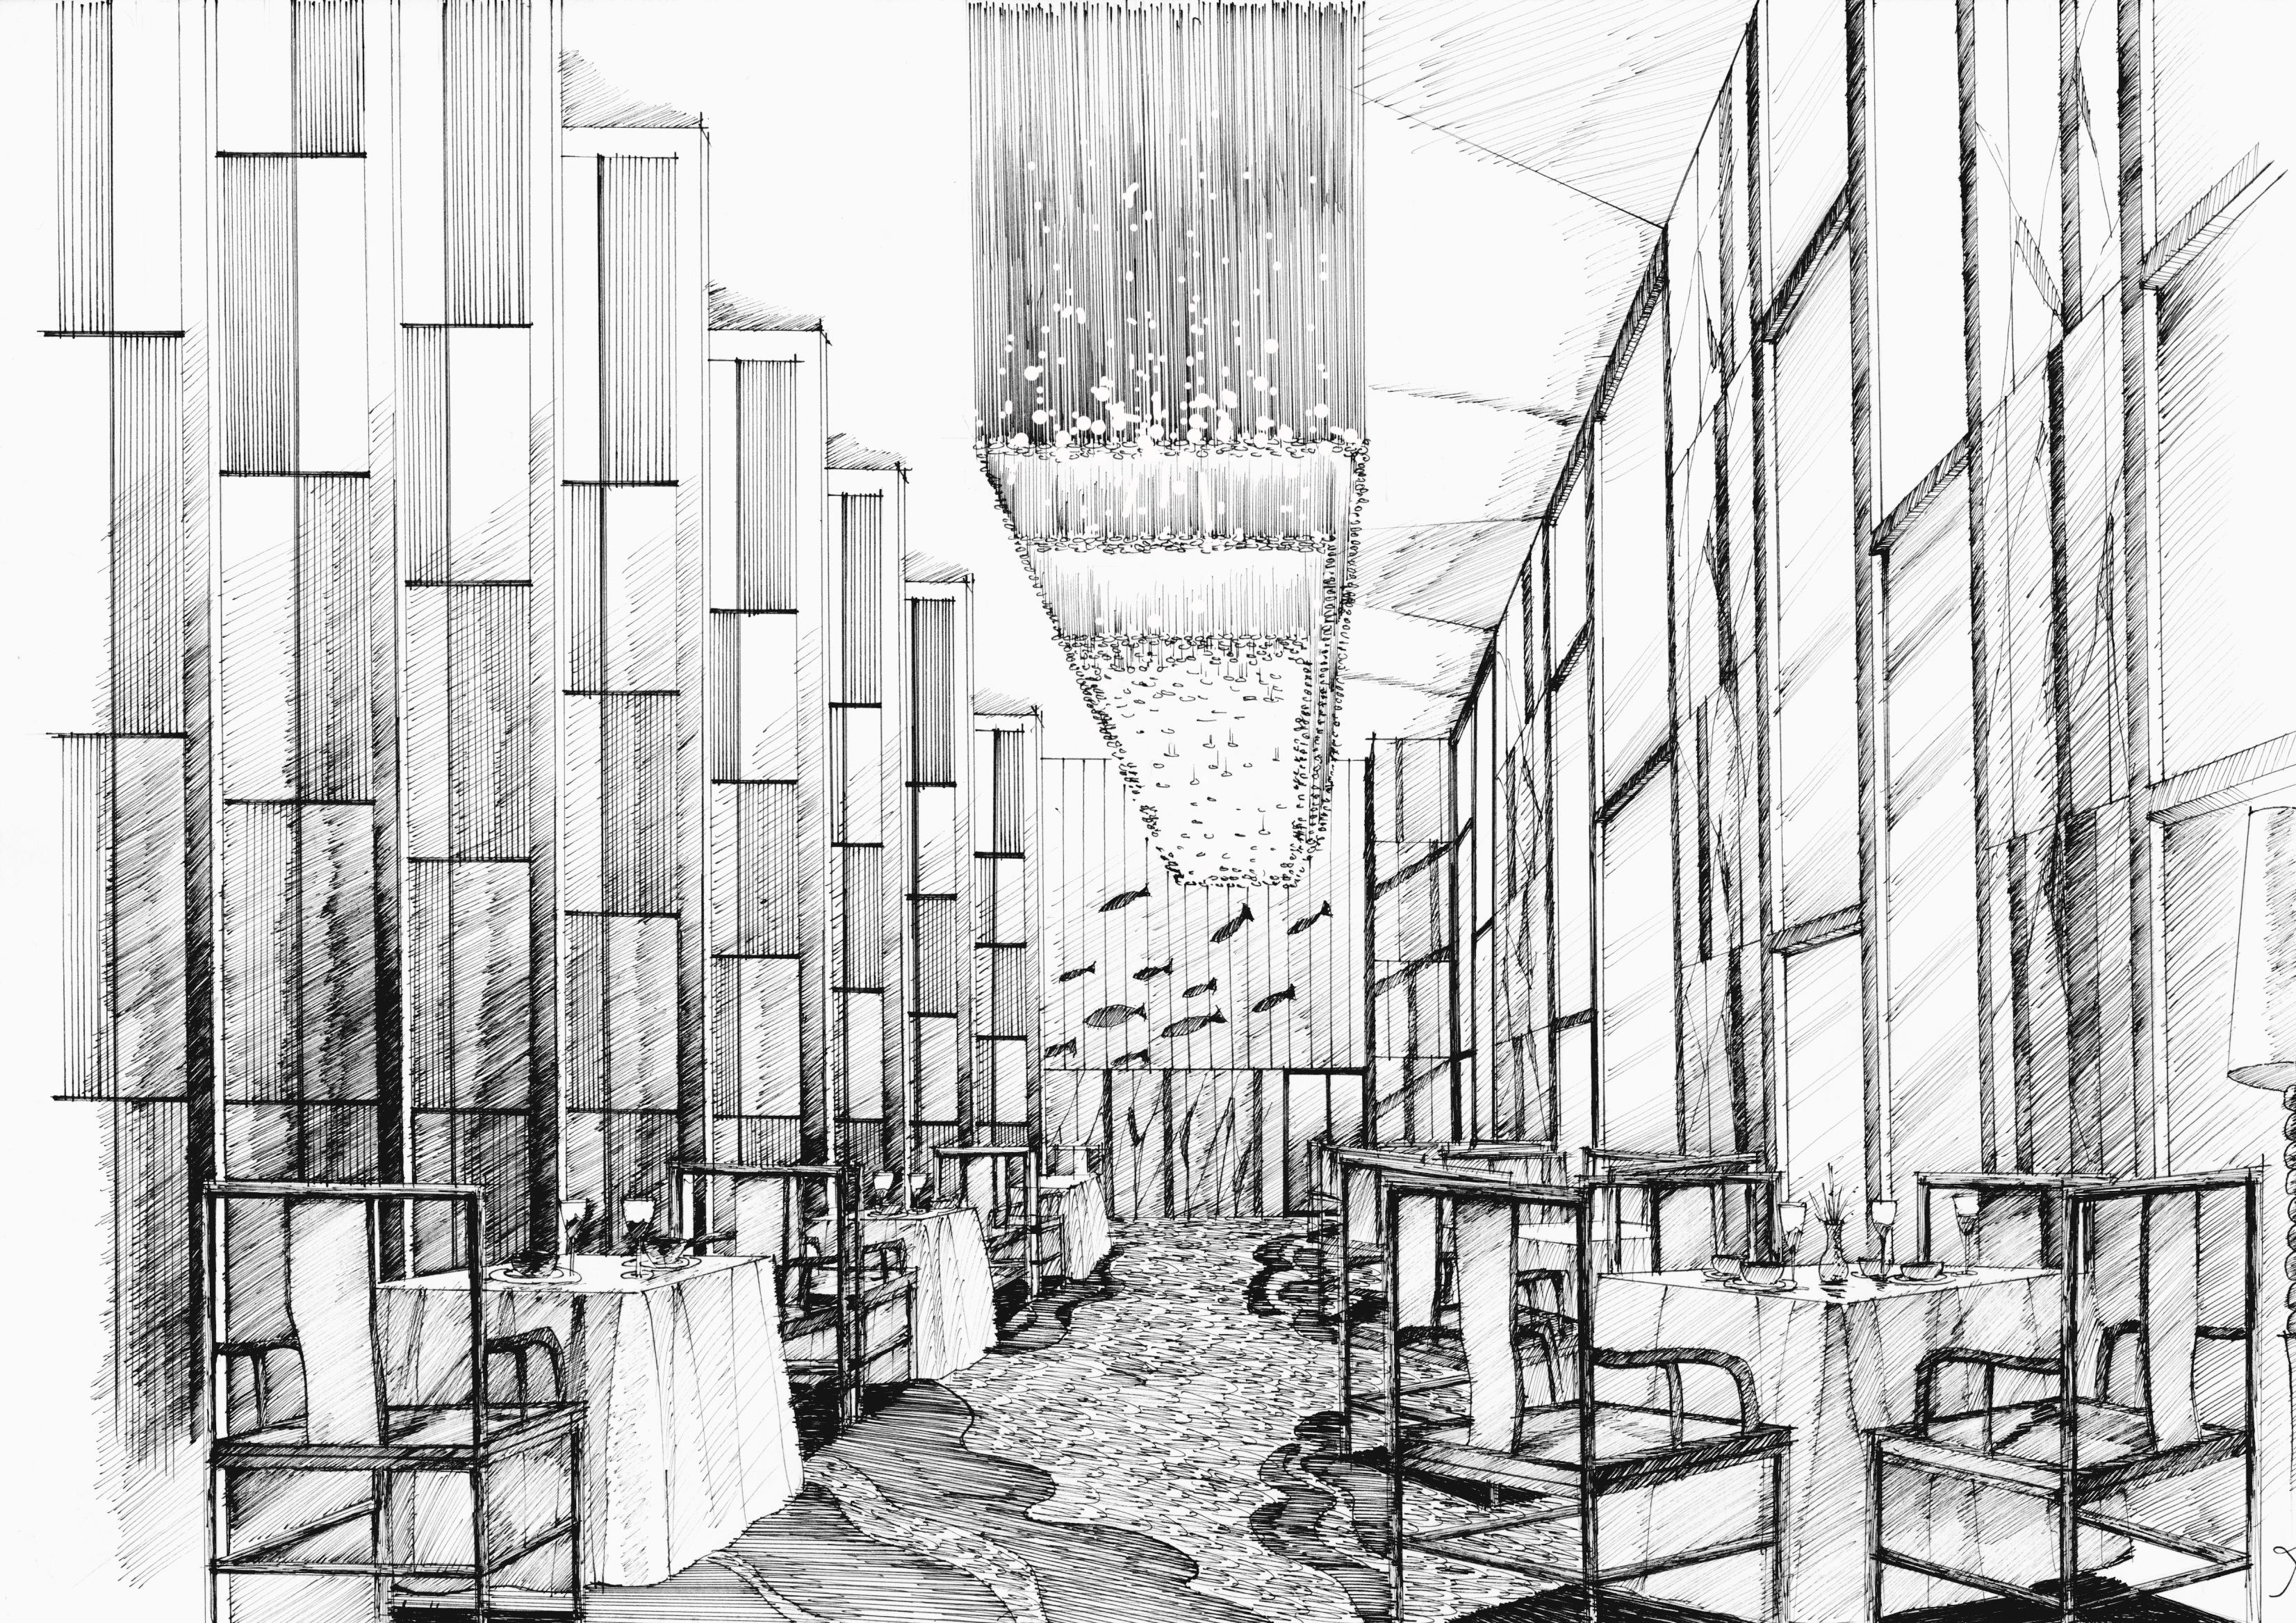 酒店餐厅手绘2|空间|室内设计|mhc绘 - 原创作品